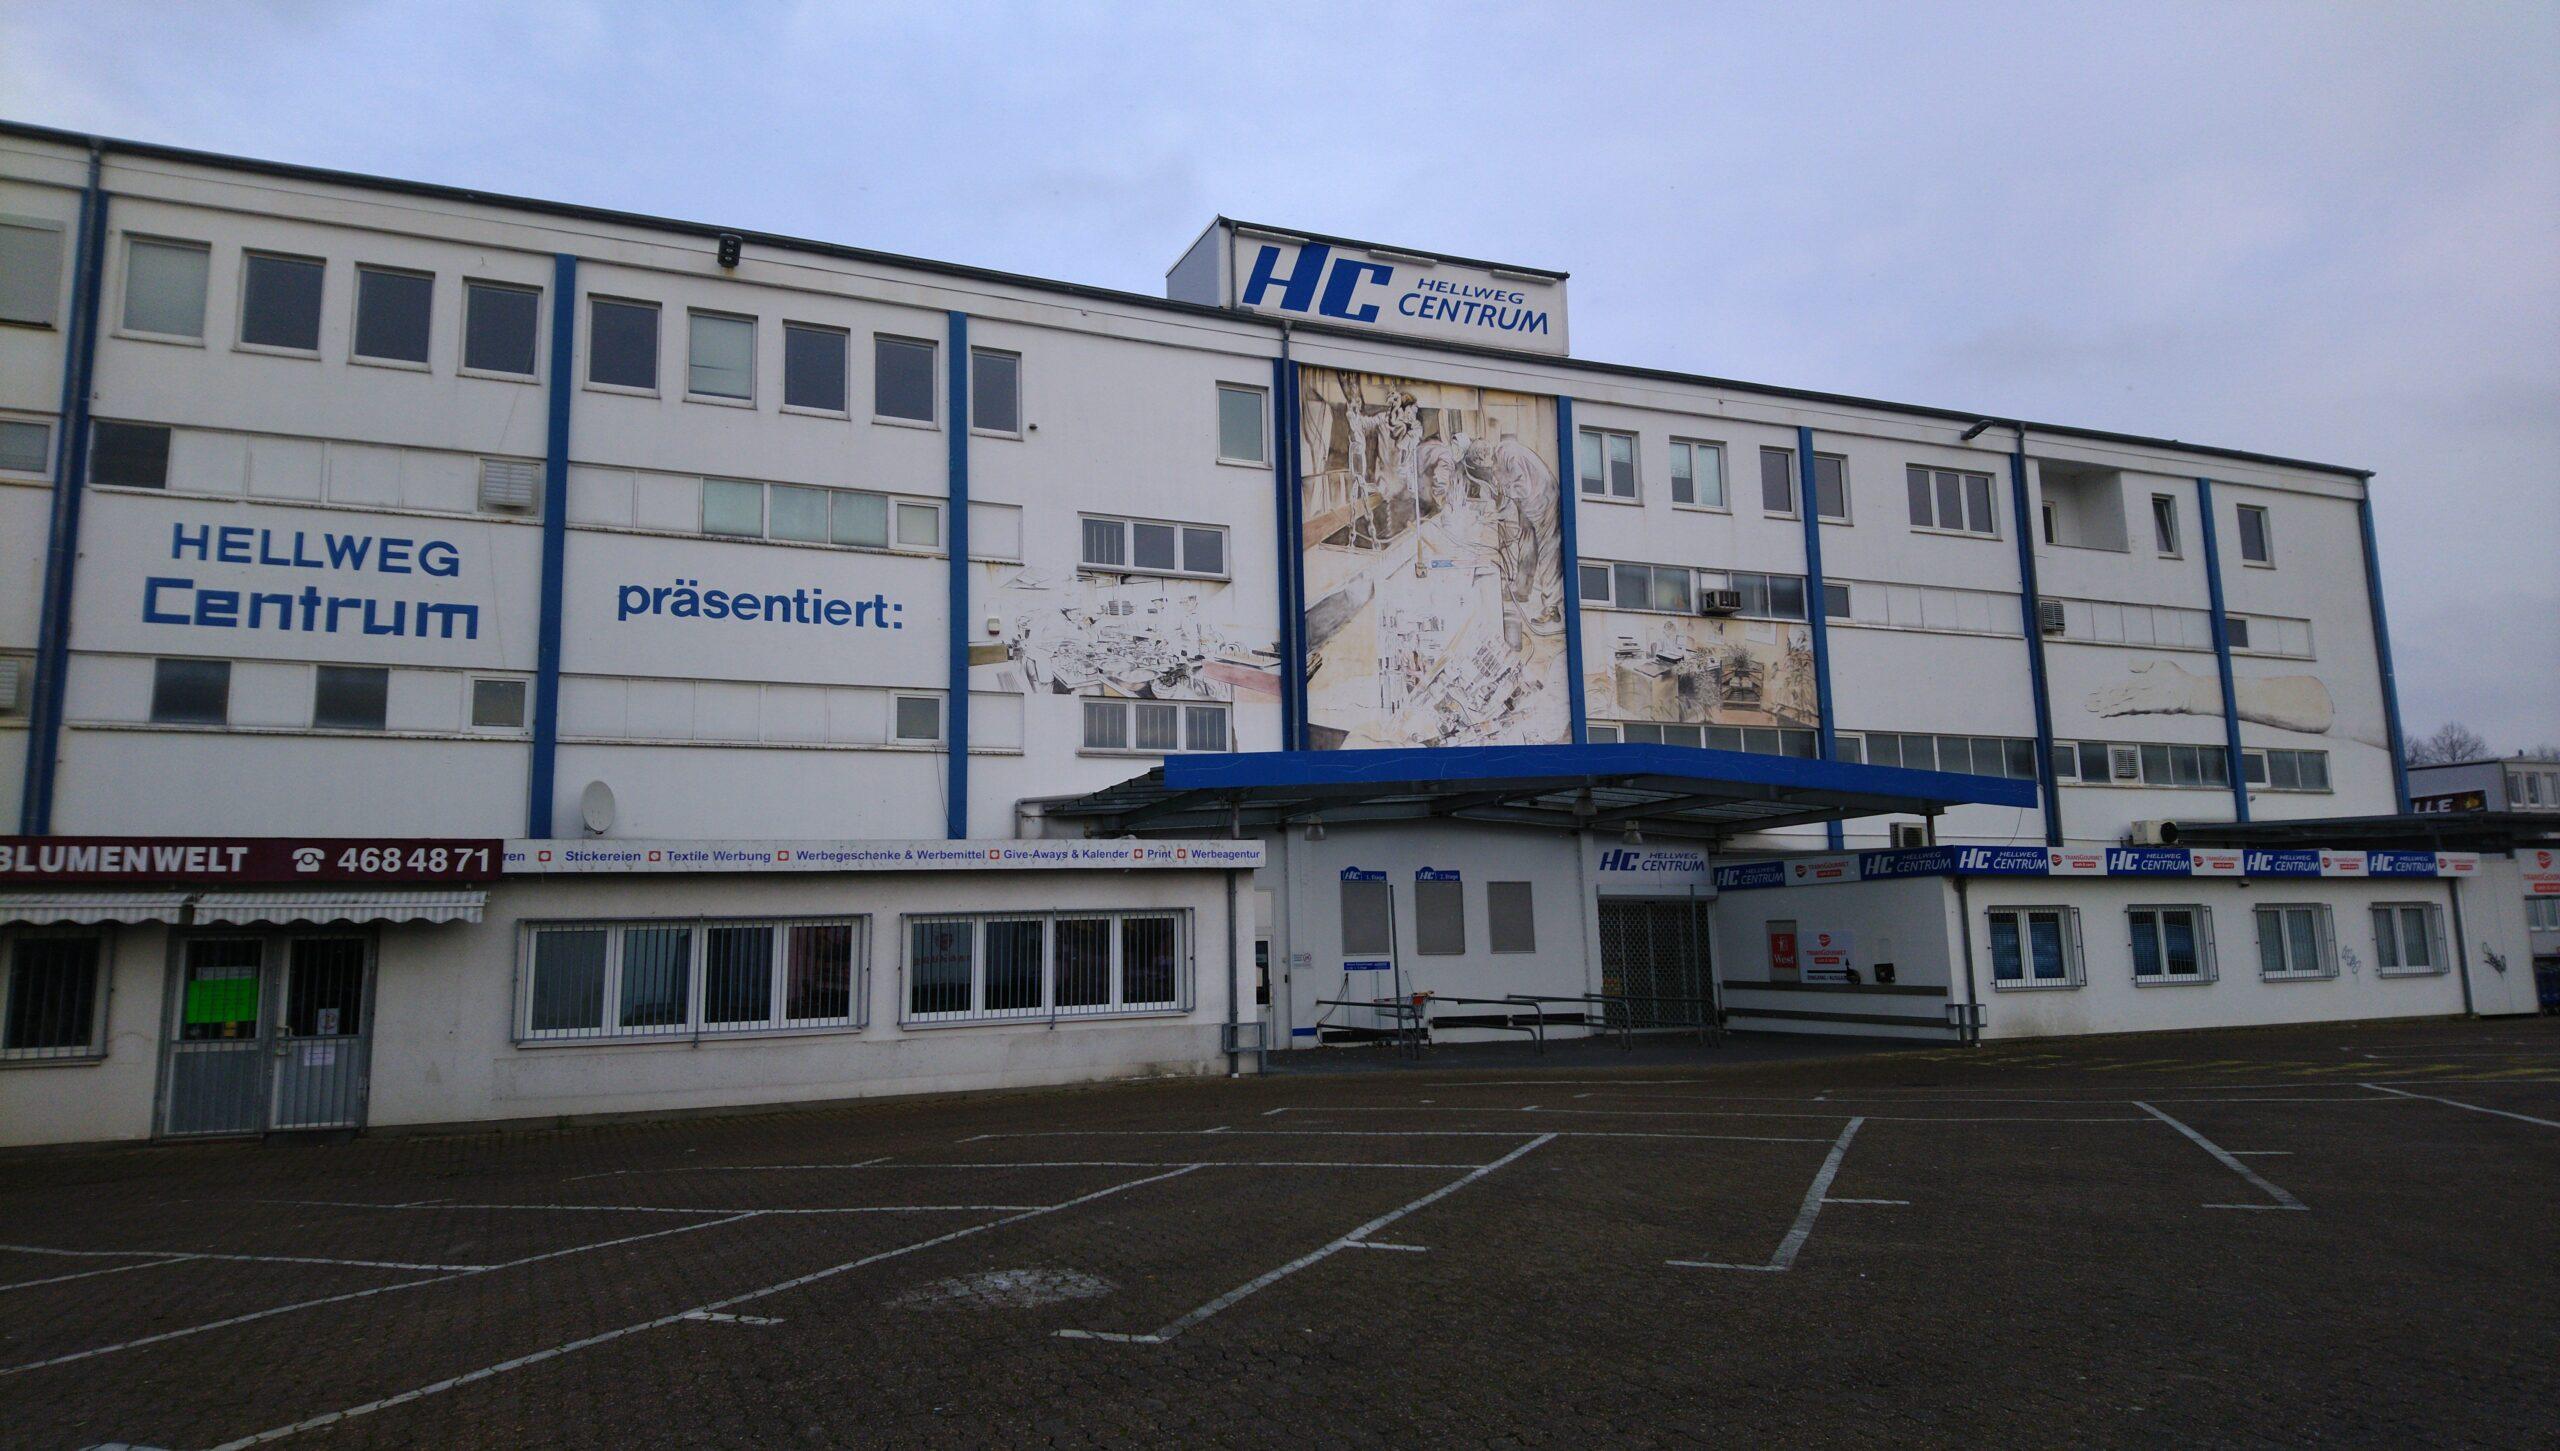 Ein vierstöckiges Industriegebäude mit der Aufschrift: Hellweg Centrum